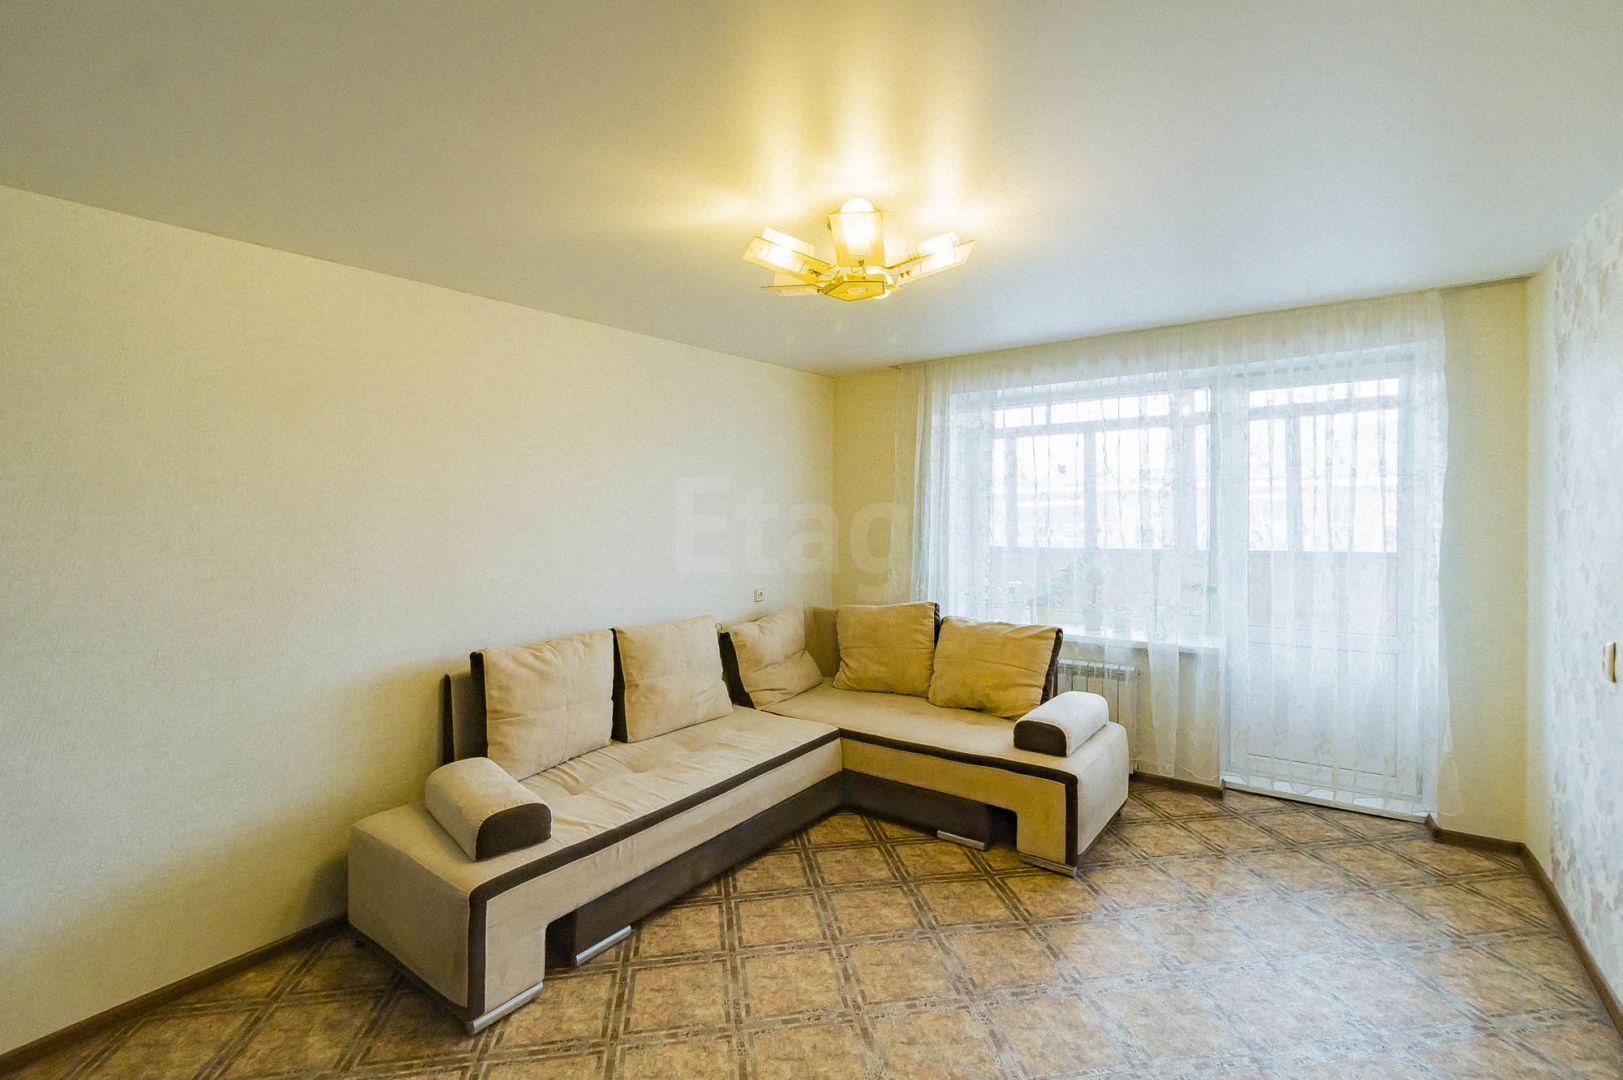 Продается двухкомнатная квартира за 3 600 000 рублей. Эльмаш, ул. Красных командиров, д. 72 (6.8 км до центра).